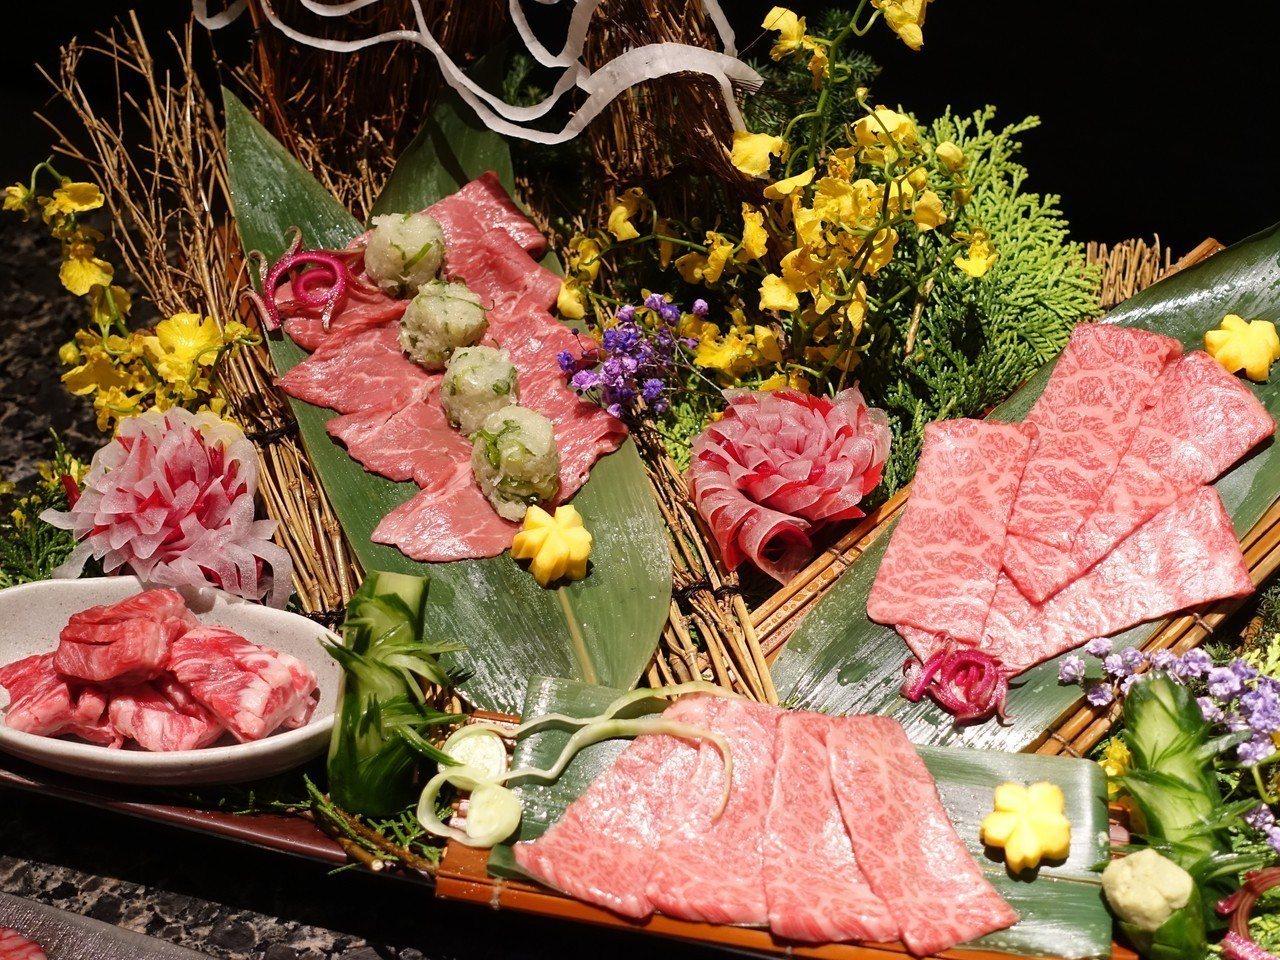 日本和牛四種組合,售價1880元。記者張芳瑜/攝影